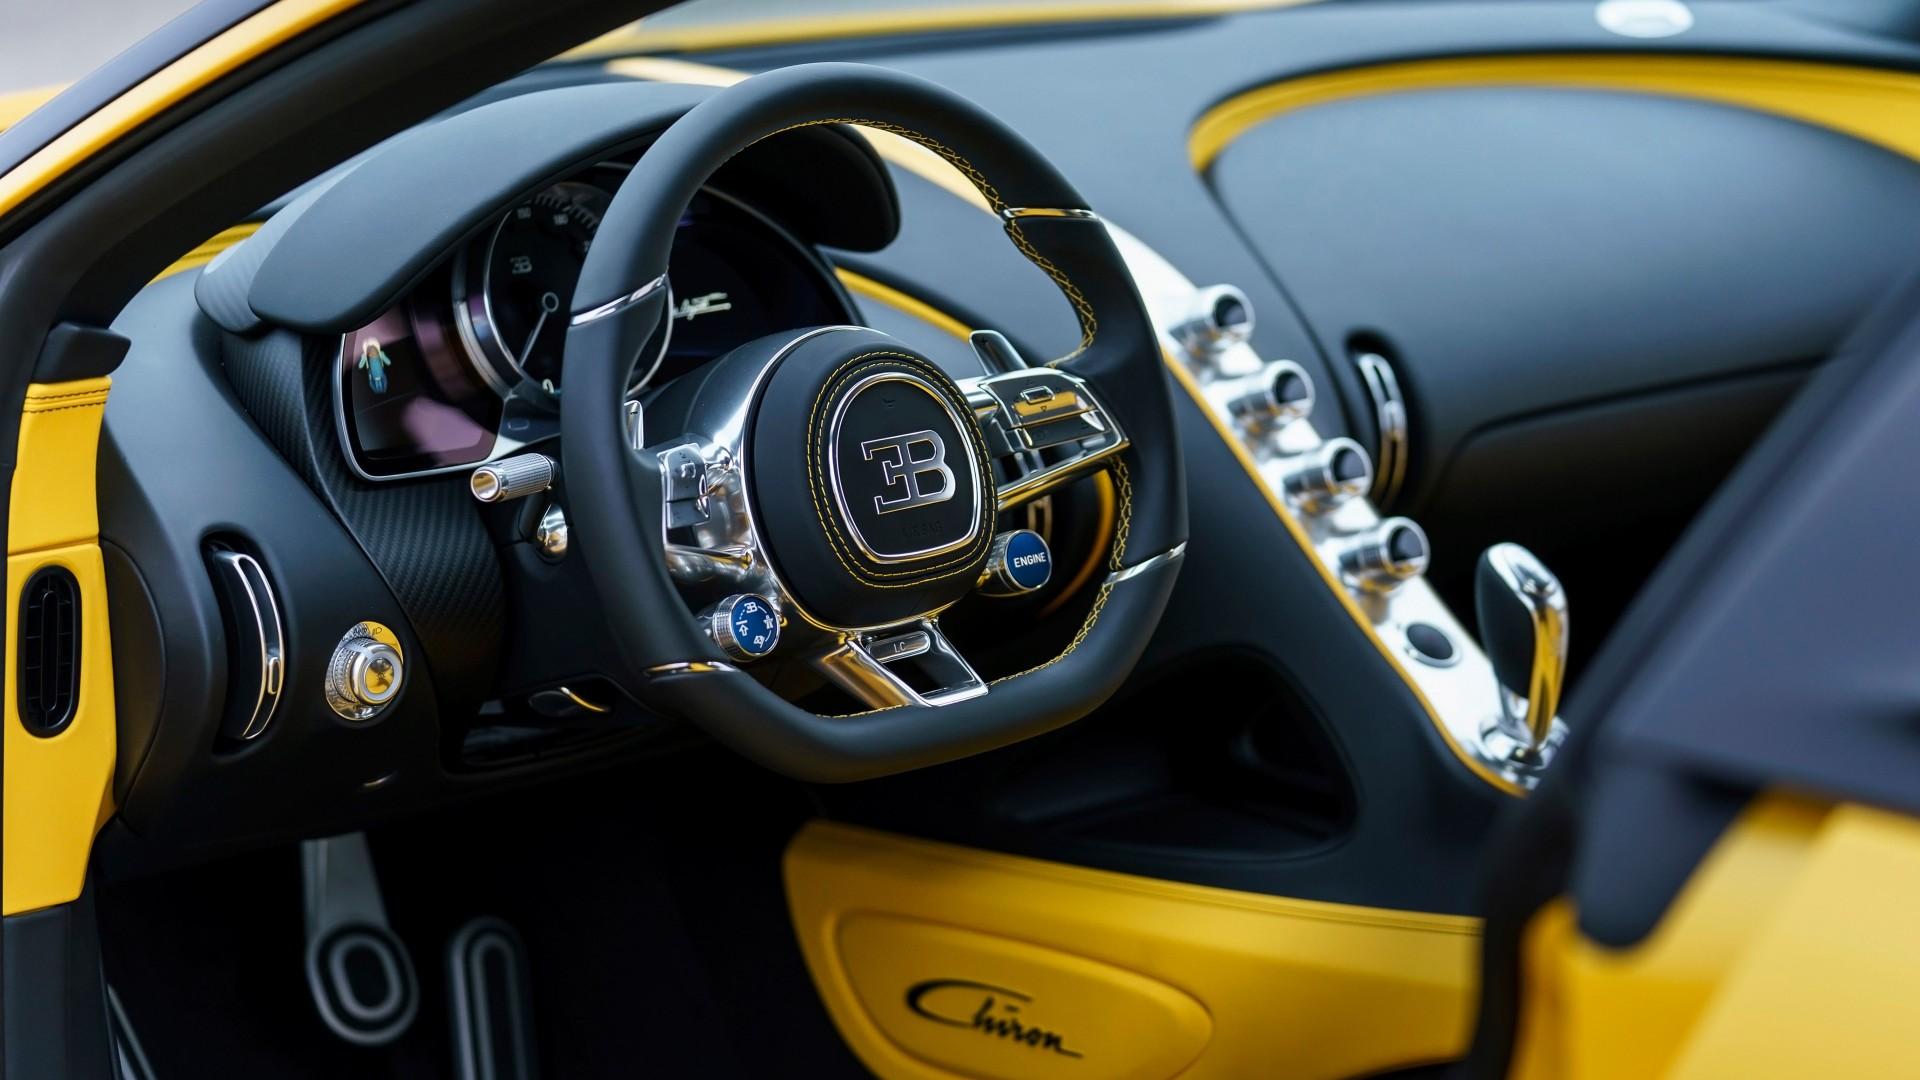 2018 Bugatti Chiron Yellow and Black Interior Wallpaper ...